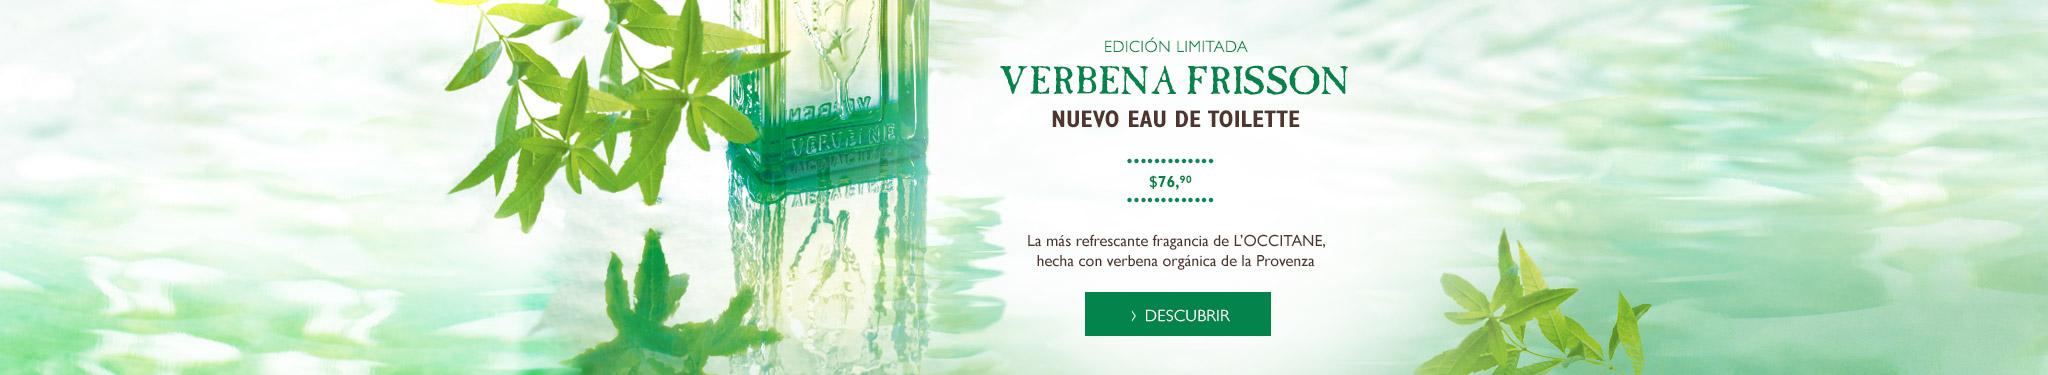 Nuevo perfume del Vernao - Verbena Frisson